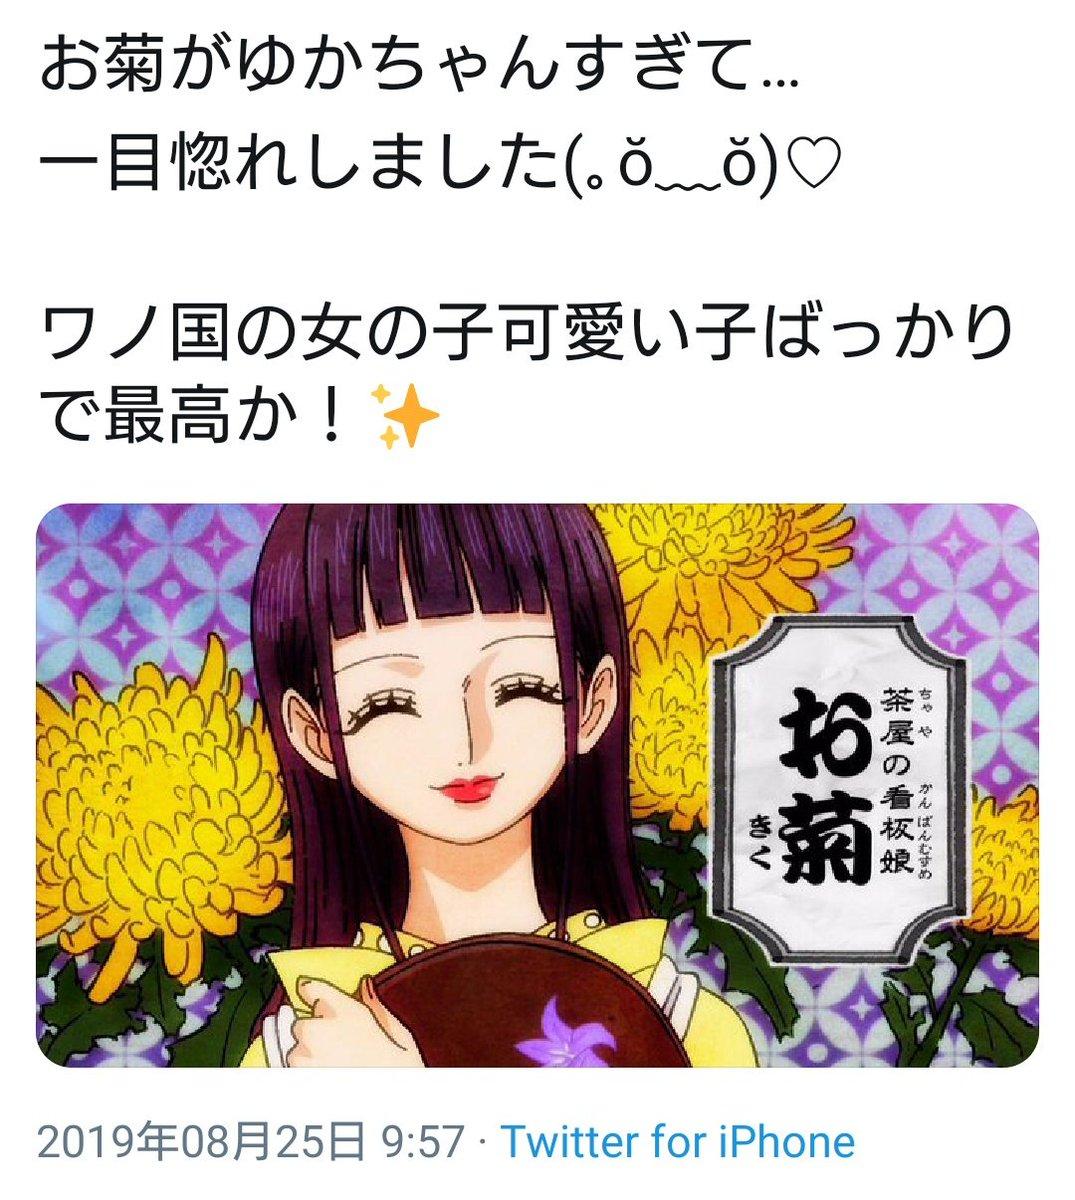 菊 男 お ワンピース ワンピース【948話】お菊の性別がついに判明!! 今までの描写と照らし合わせてみる